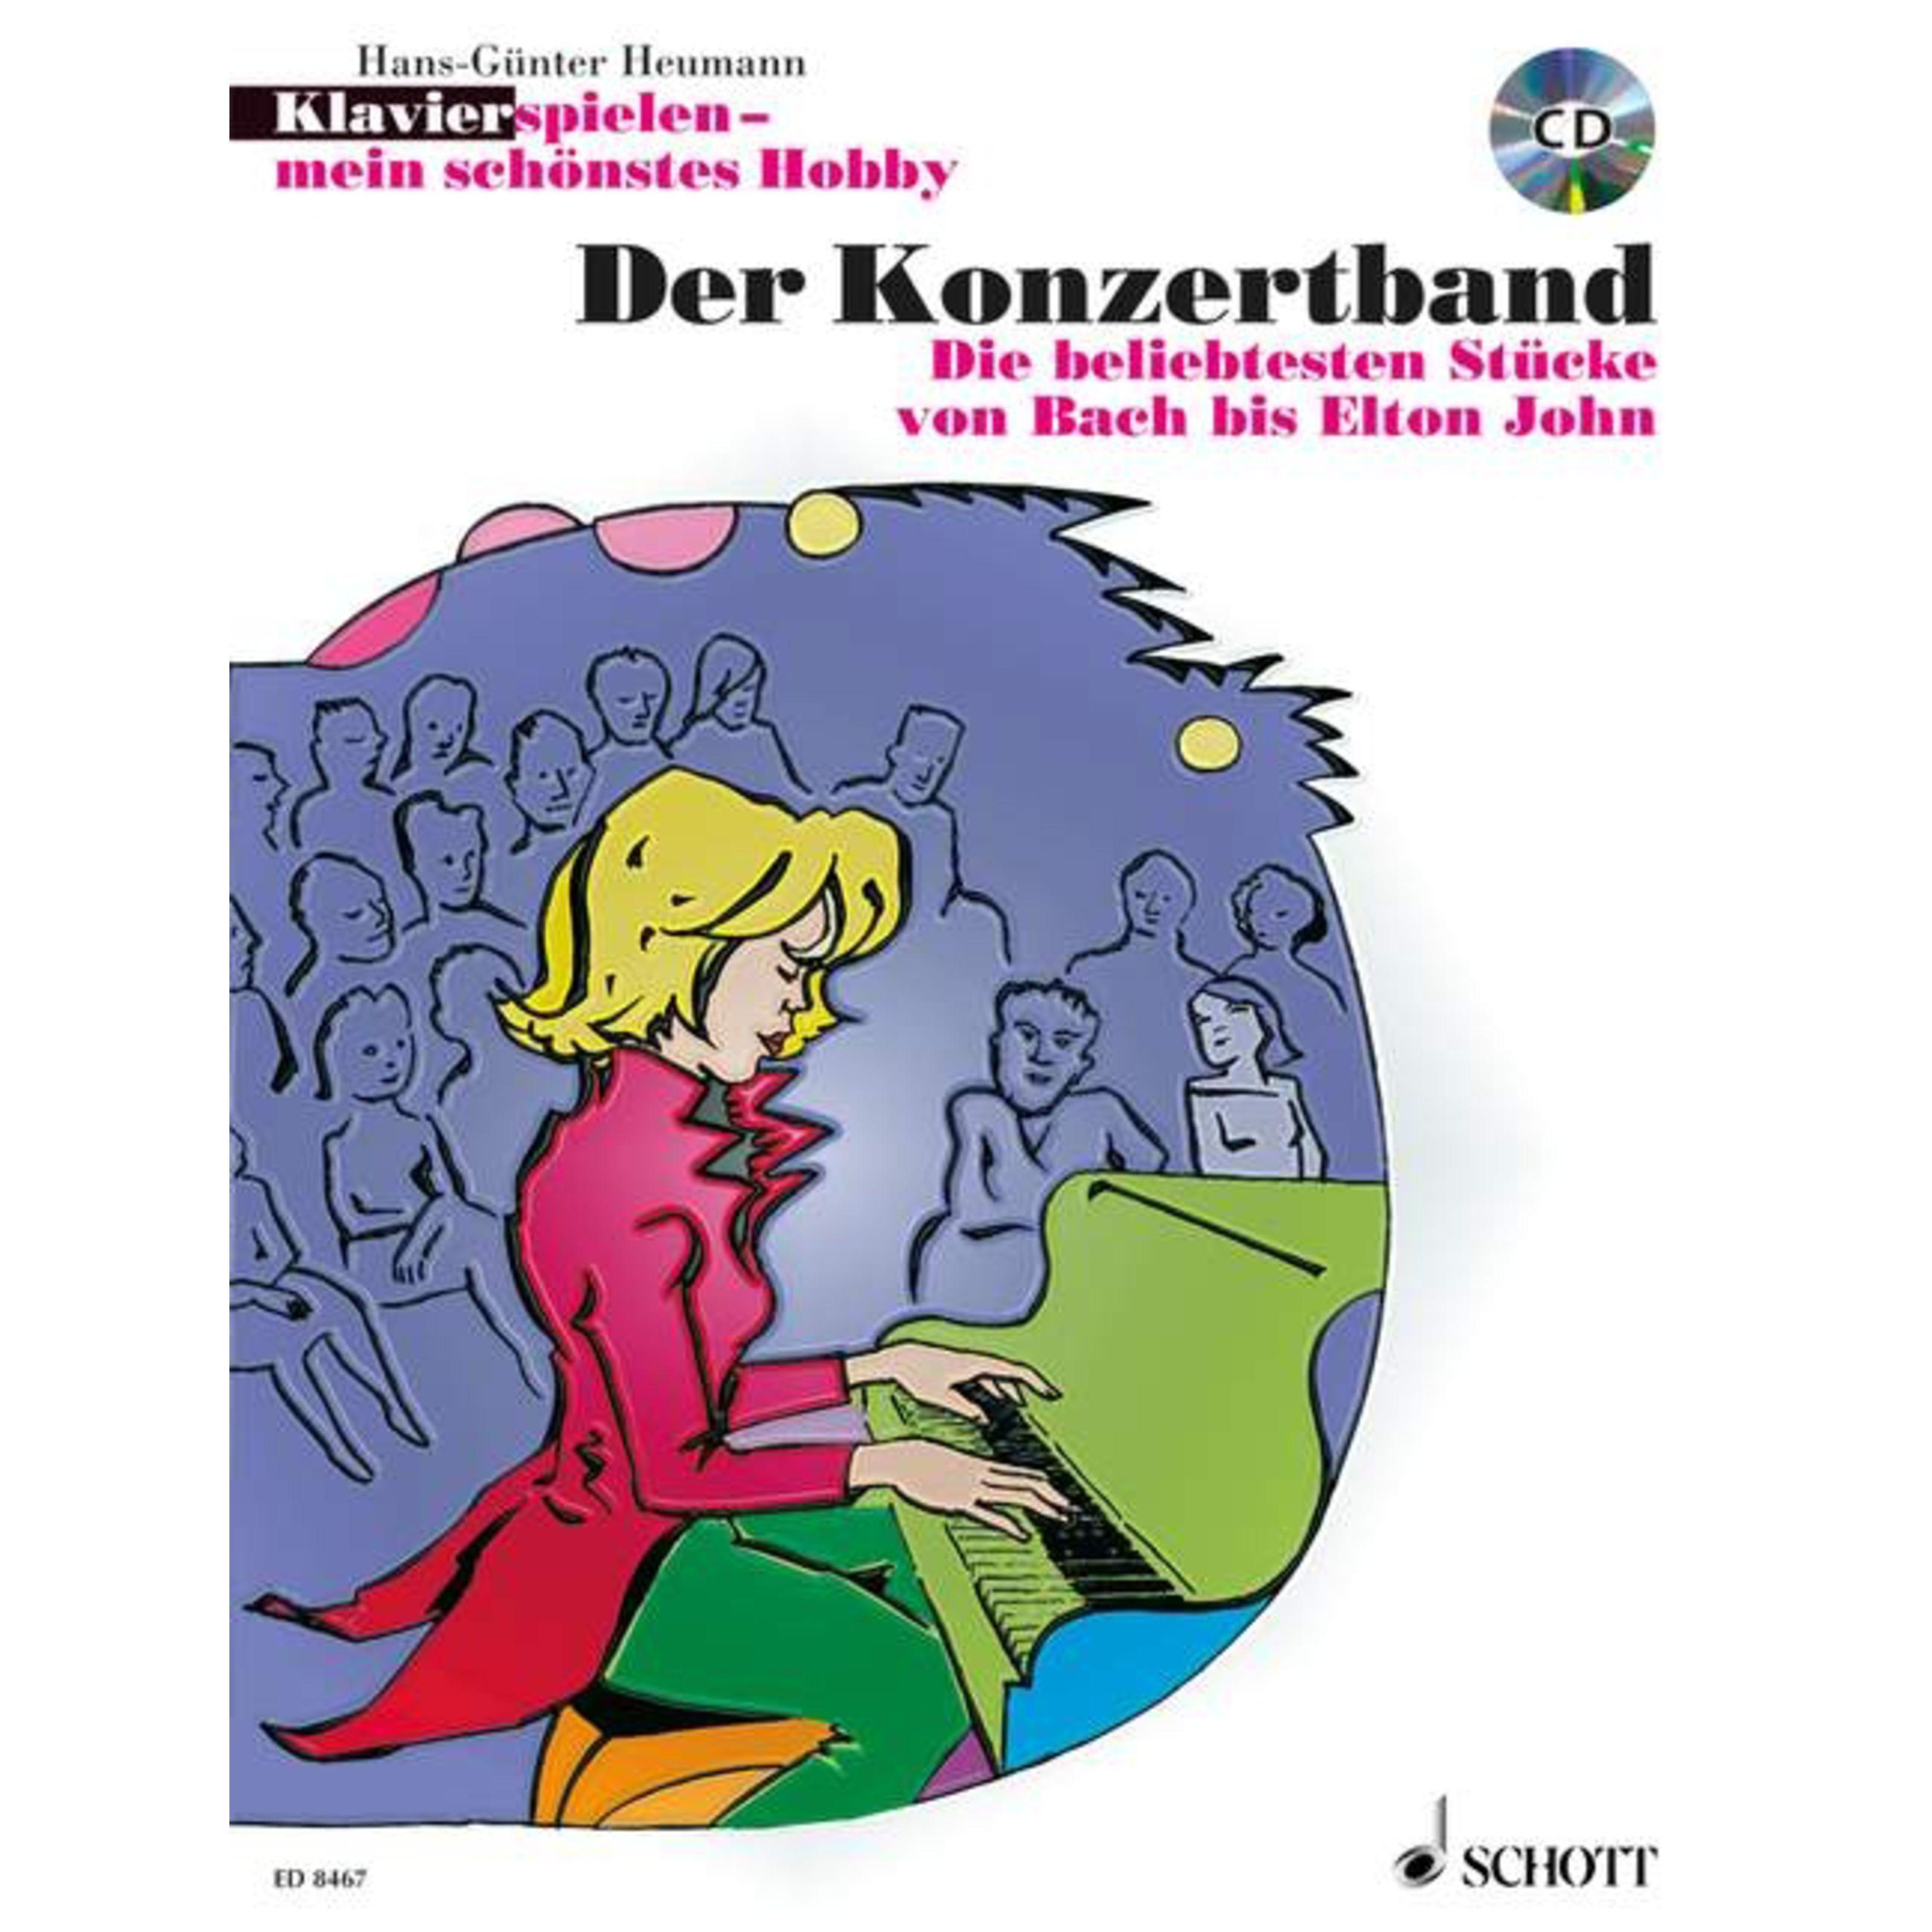 Schott Music - Der Konzertband Heumann, Klavier mein Hobby ED 8467